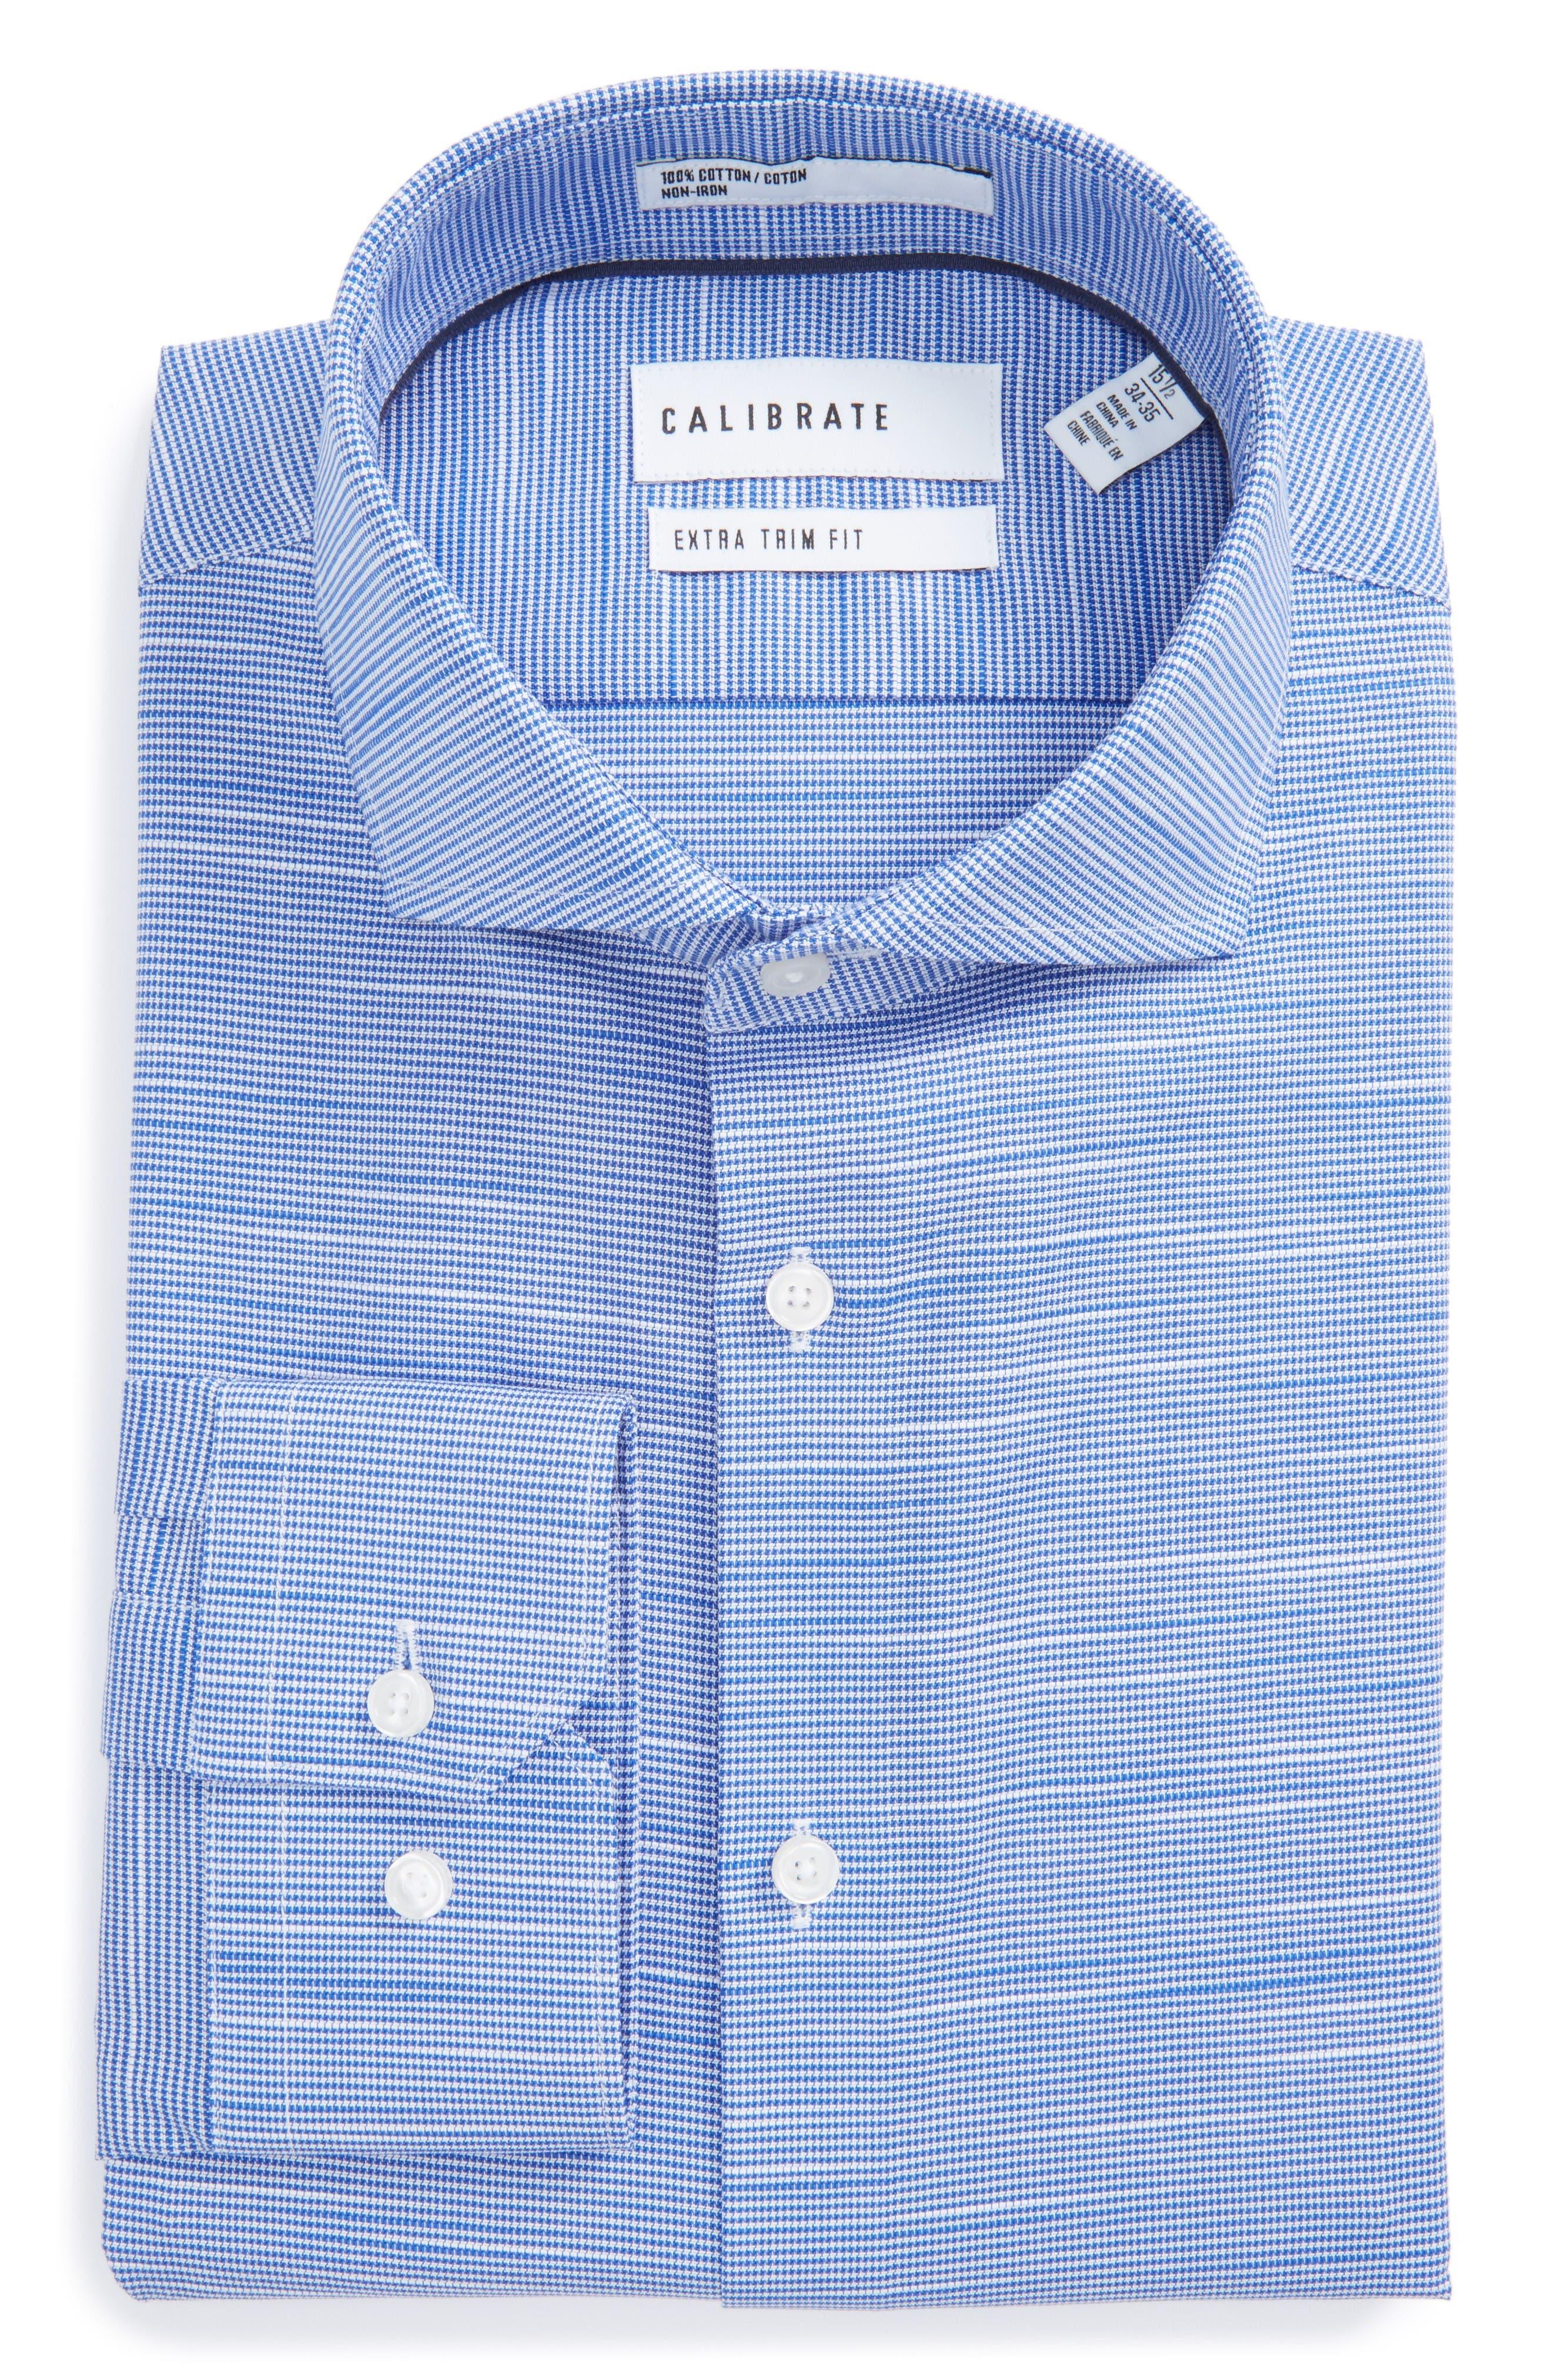 Calibrate Extra Trim Fit Non-Iron Dress Shirt